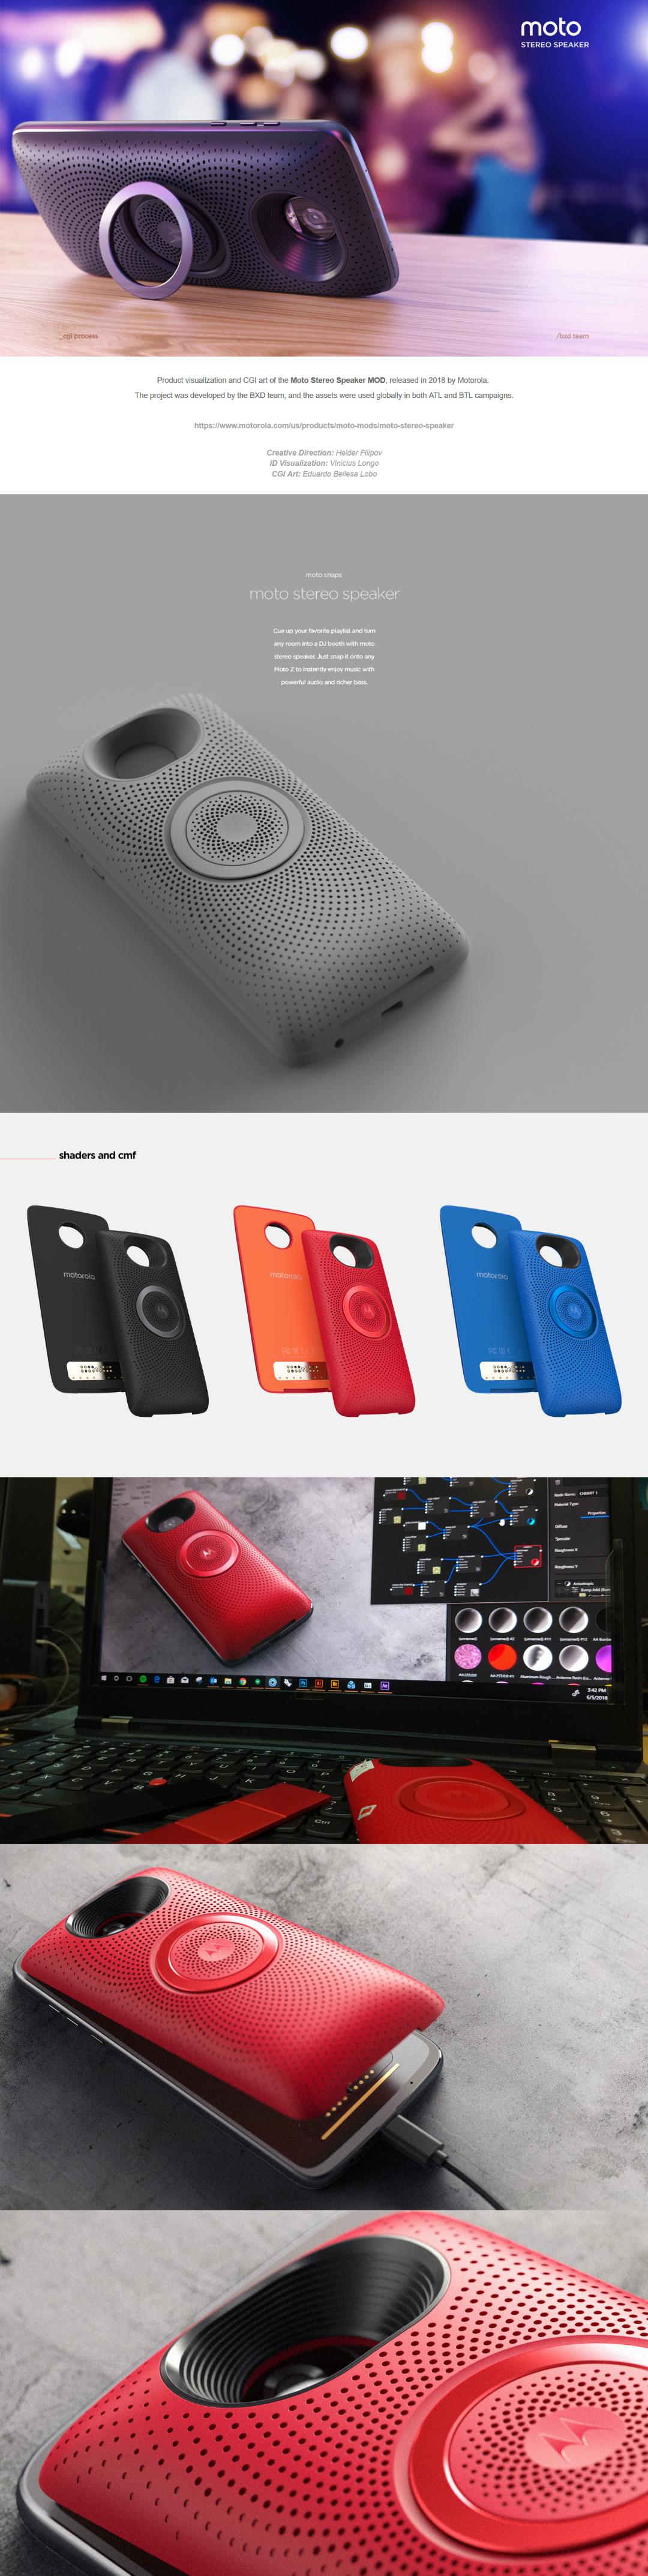 Outstanding Industrial Designs